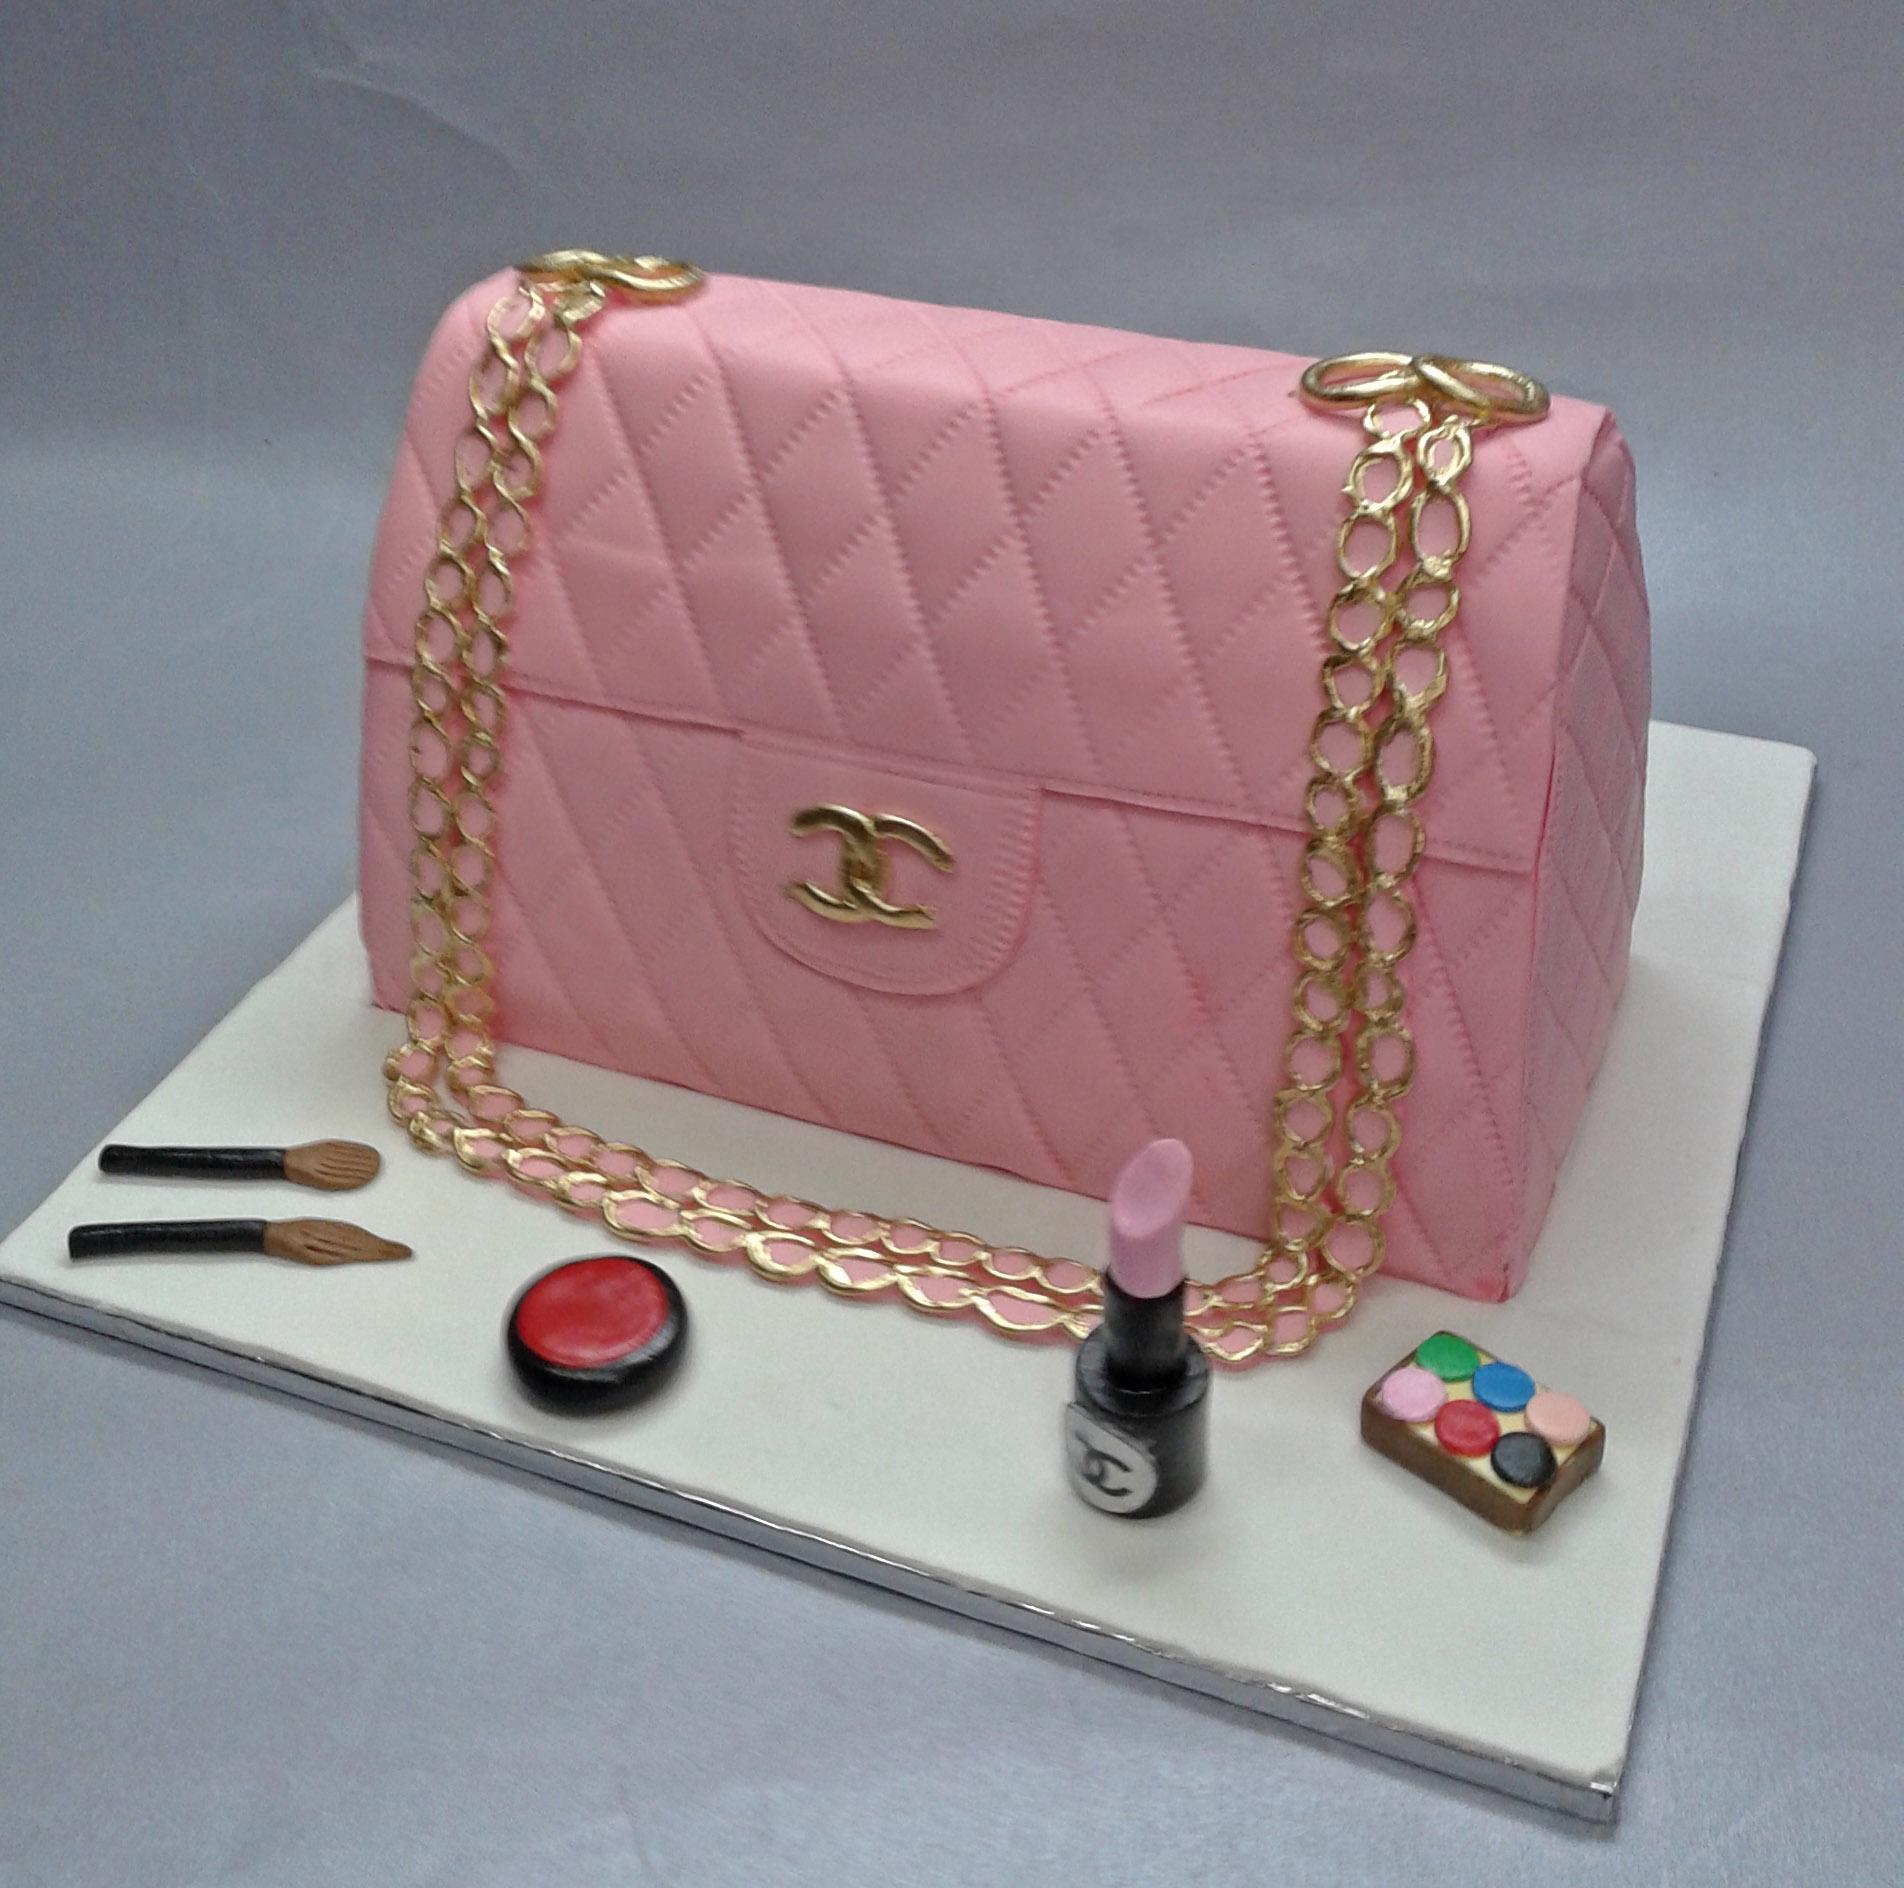 почему любители торты в виде сумки фото него можно